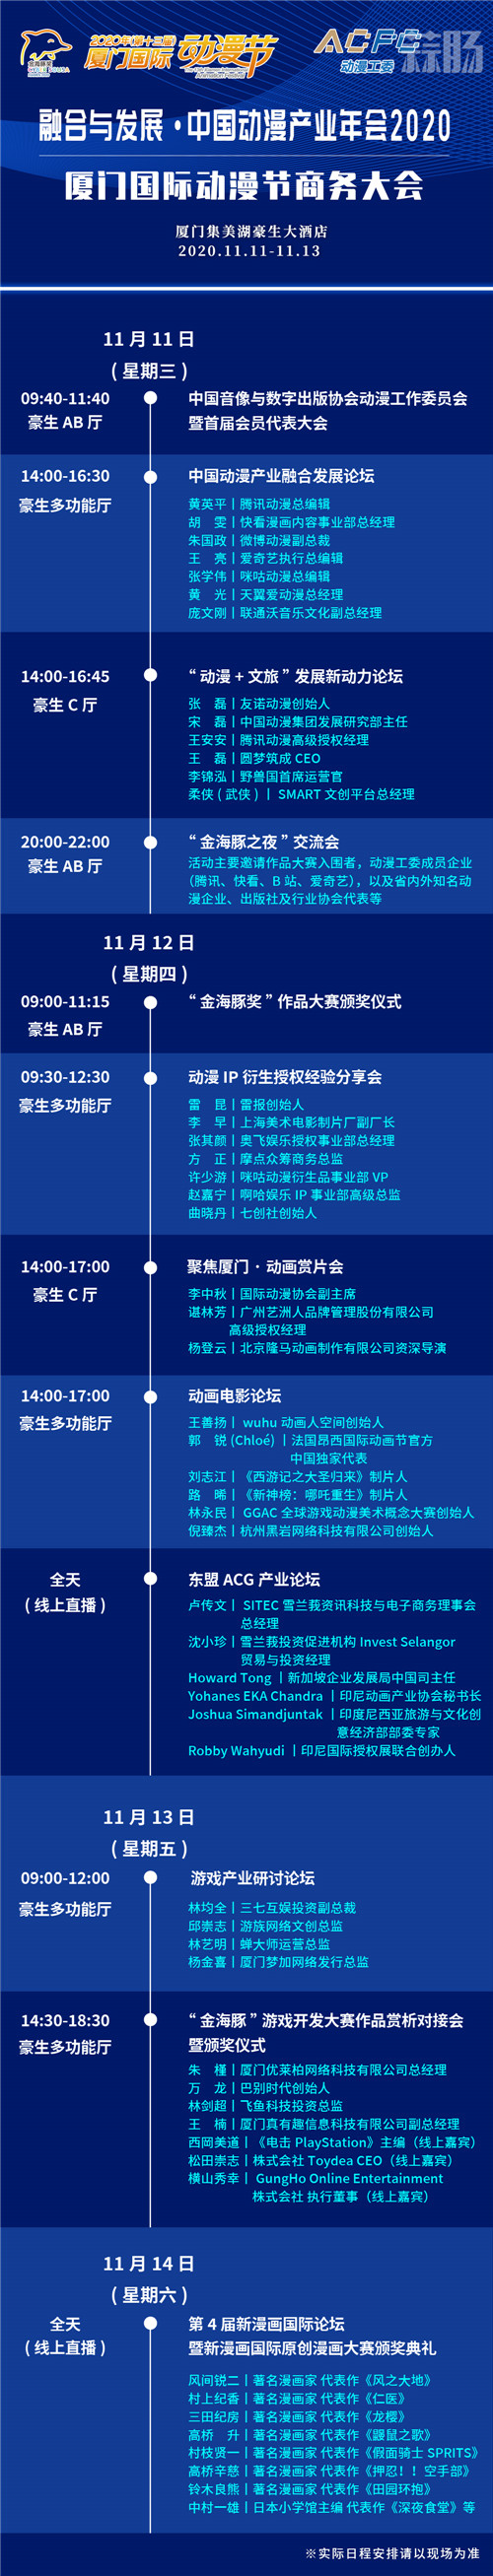 2020厦门国际动漫节11月11日开幕,中国动漫产业年会同期举办 漫展 中国动漫产业年会 厦门国际动漫节 漫展  第2张